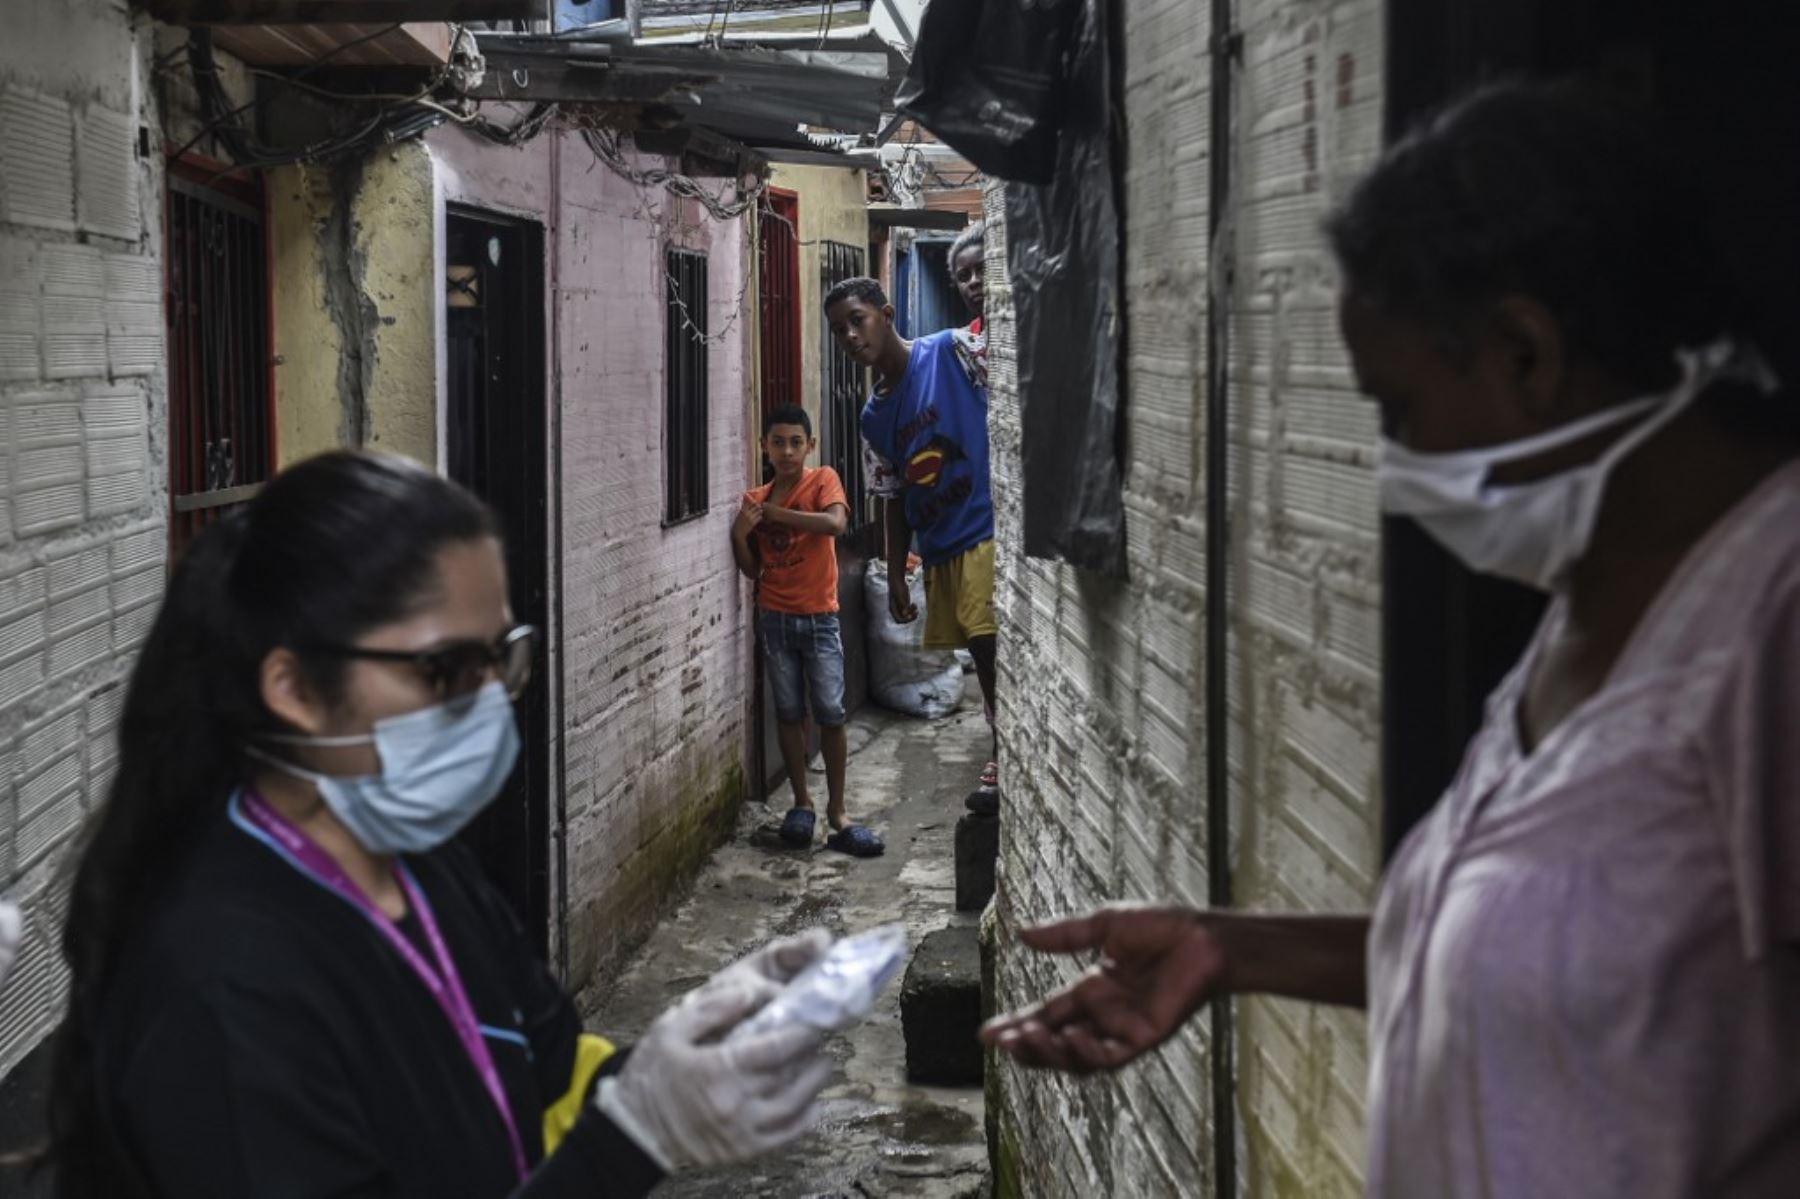 Un trabajador de la salud distribuye máscaras faciales a los locales como medida preventiva contra la propagación del nuevo coronavirus COVID-19, en el barrio de Santa Cruz en Medellín. Foto: AFP